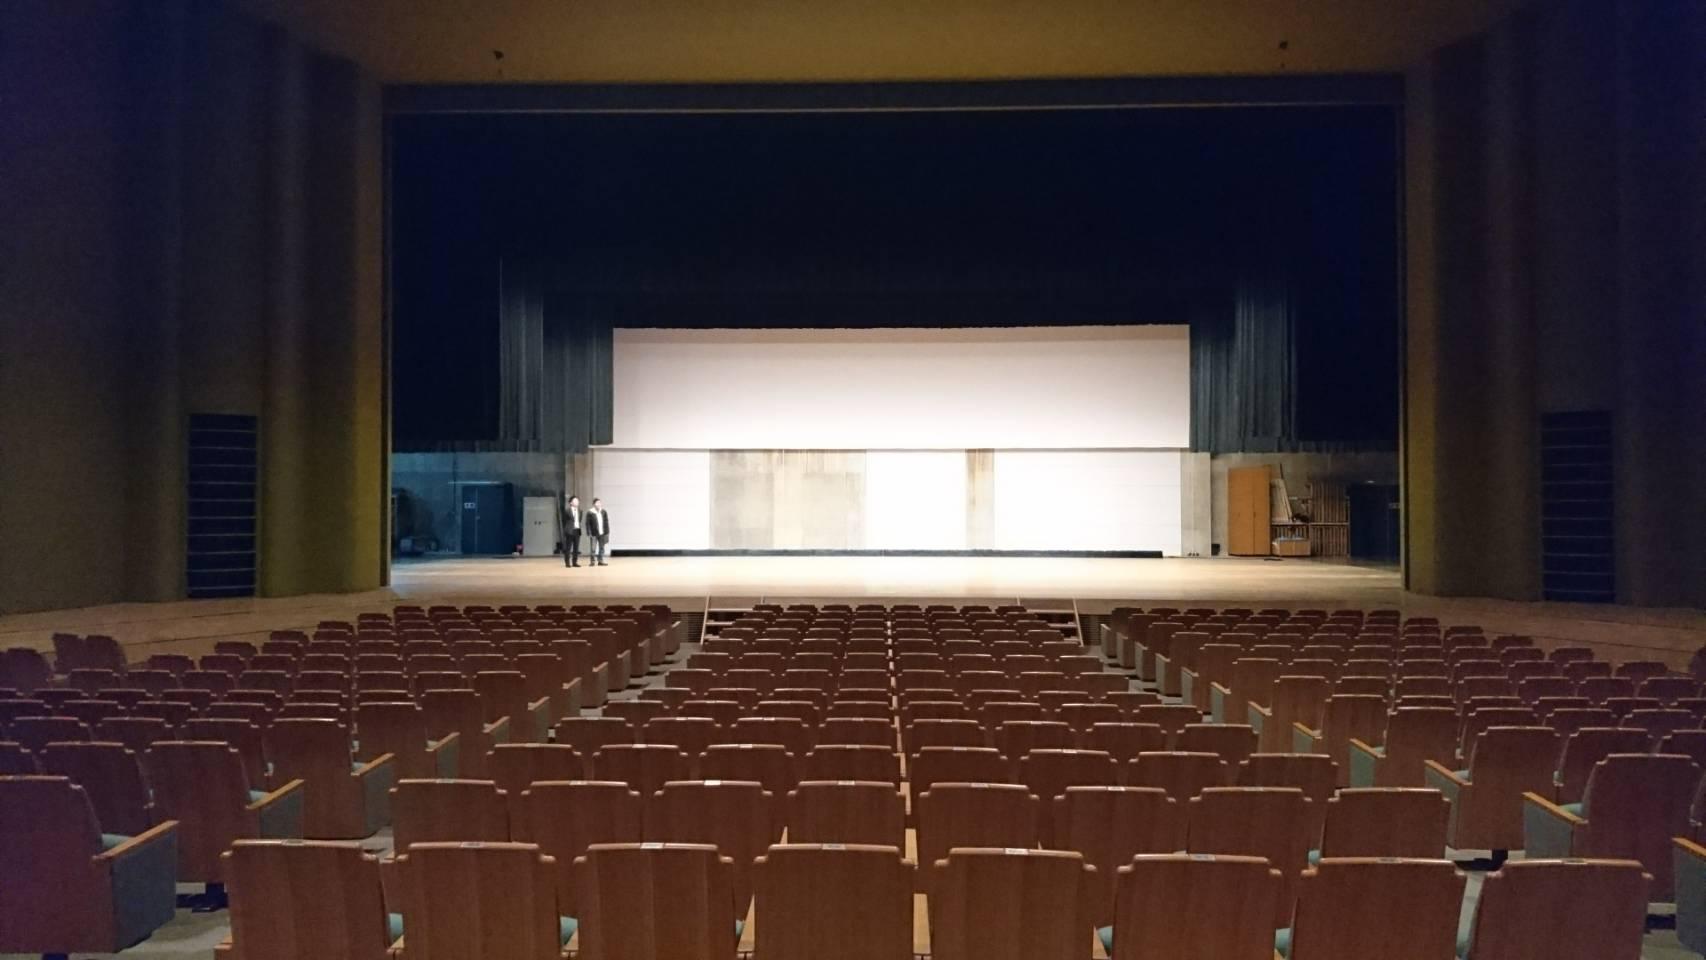 コンサートホールで演奏させて頂きます!_f0373339_10451095.jpg